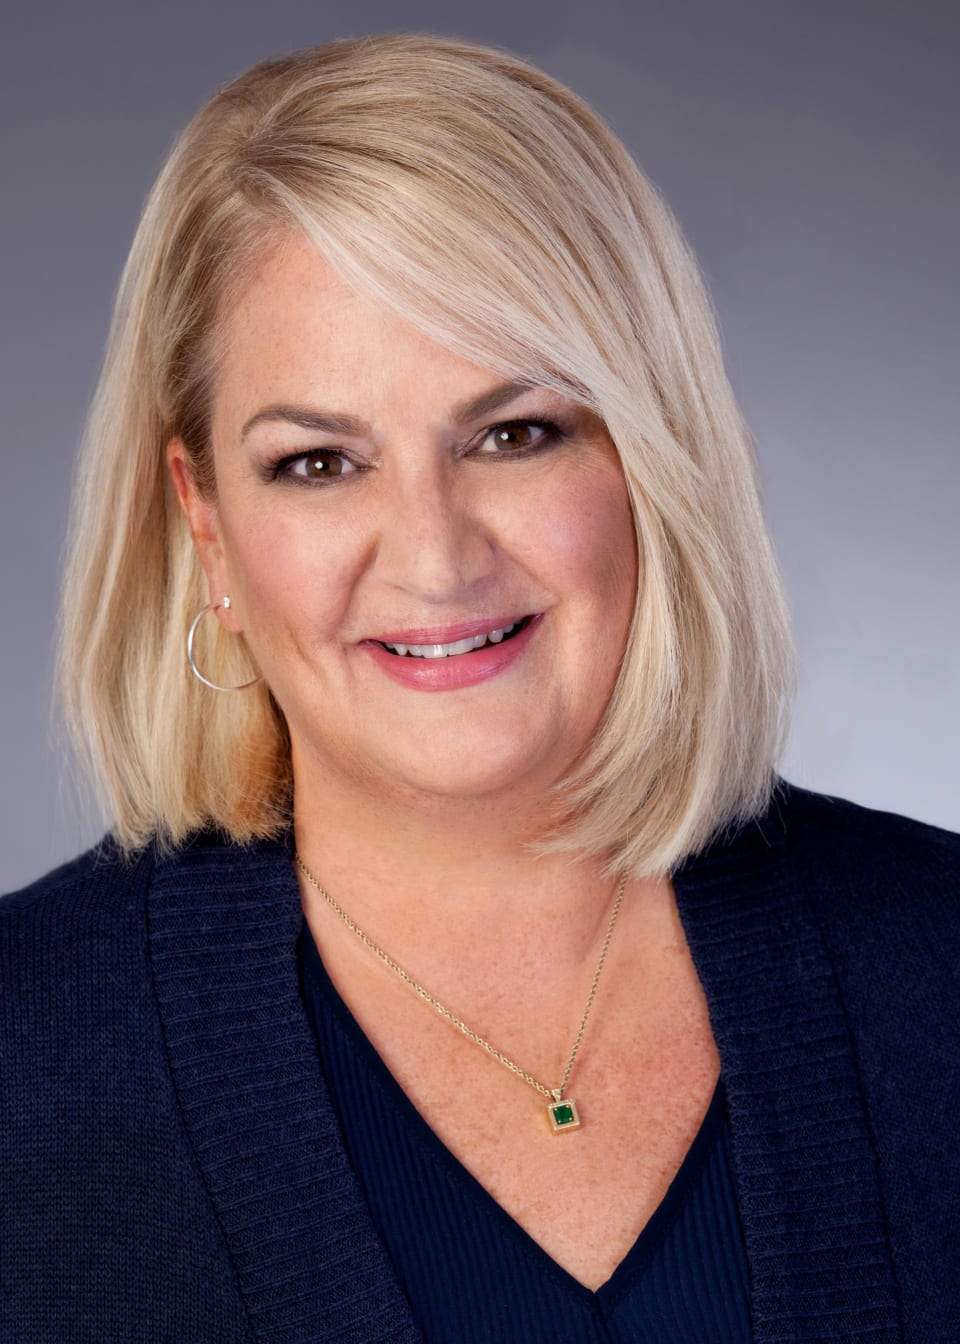 Susan Shorett